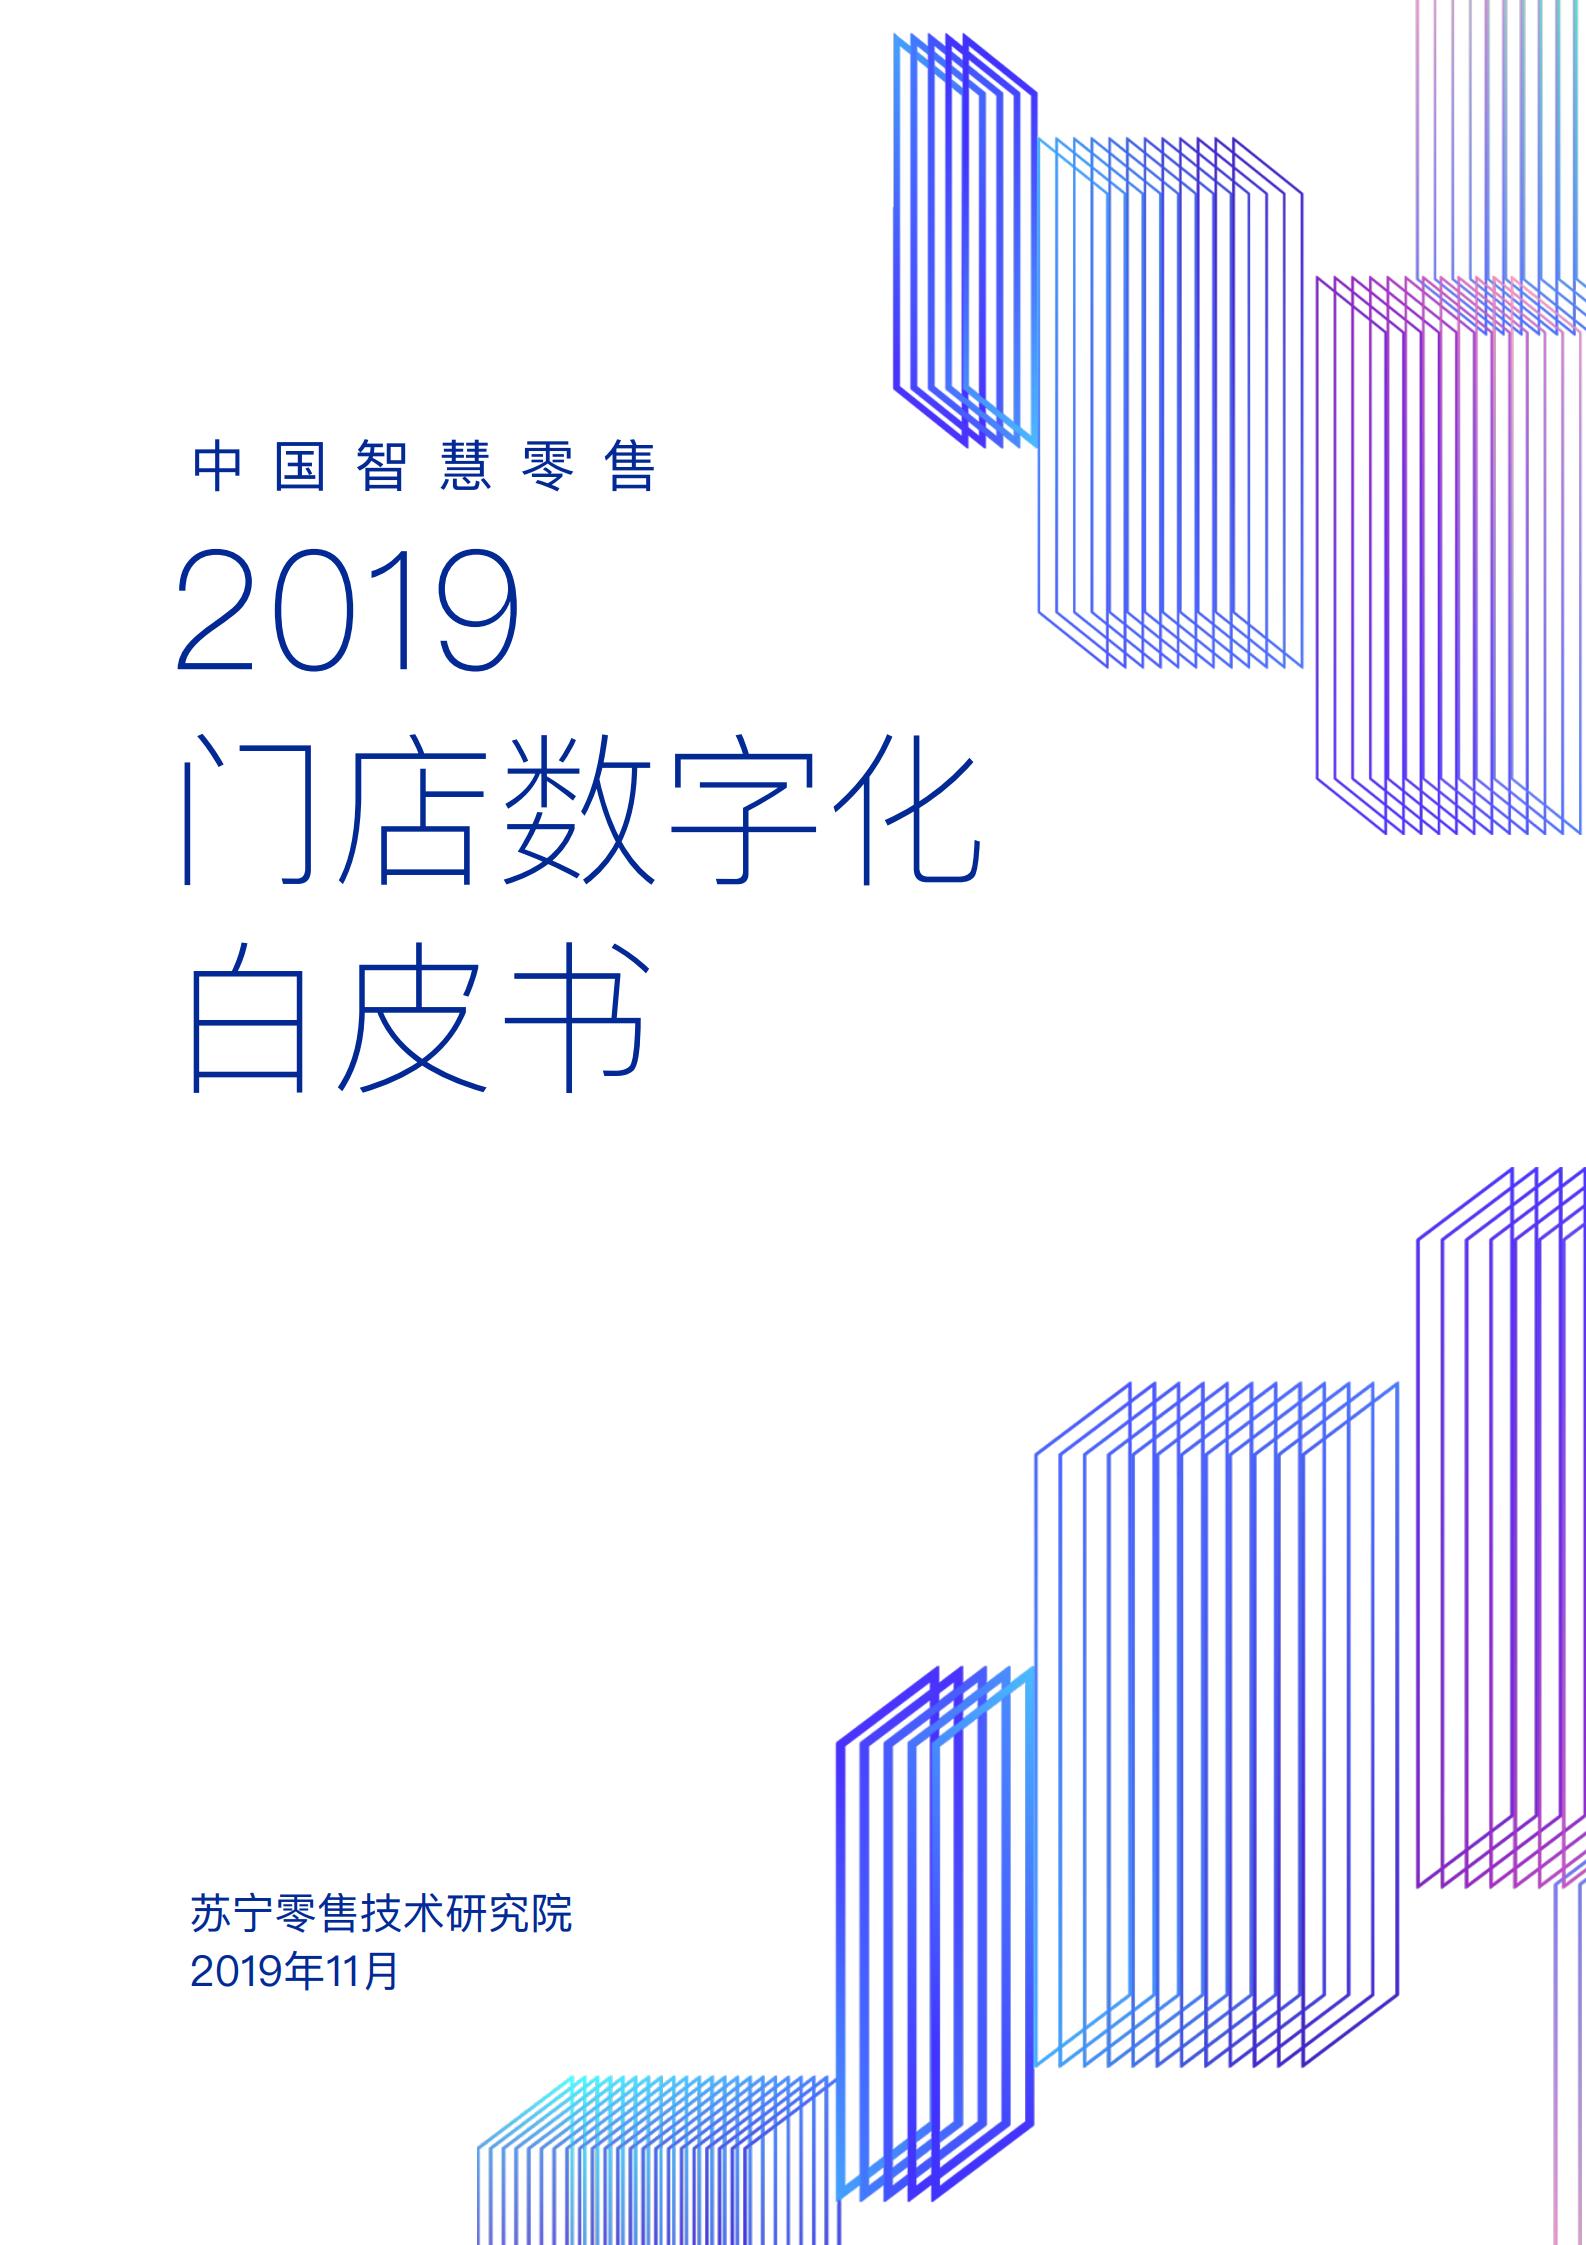 苏宁:2019中国智慧零售门店数字化白皮书(附下载)